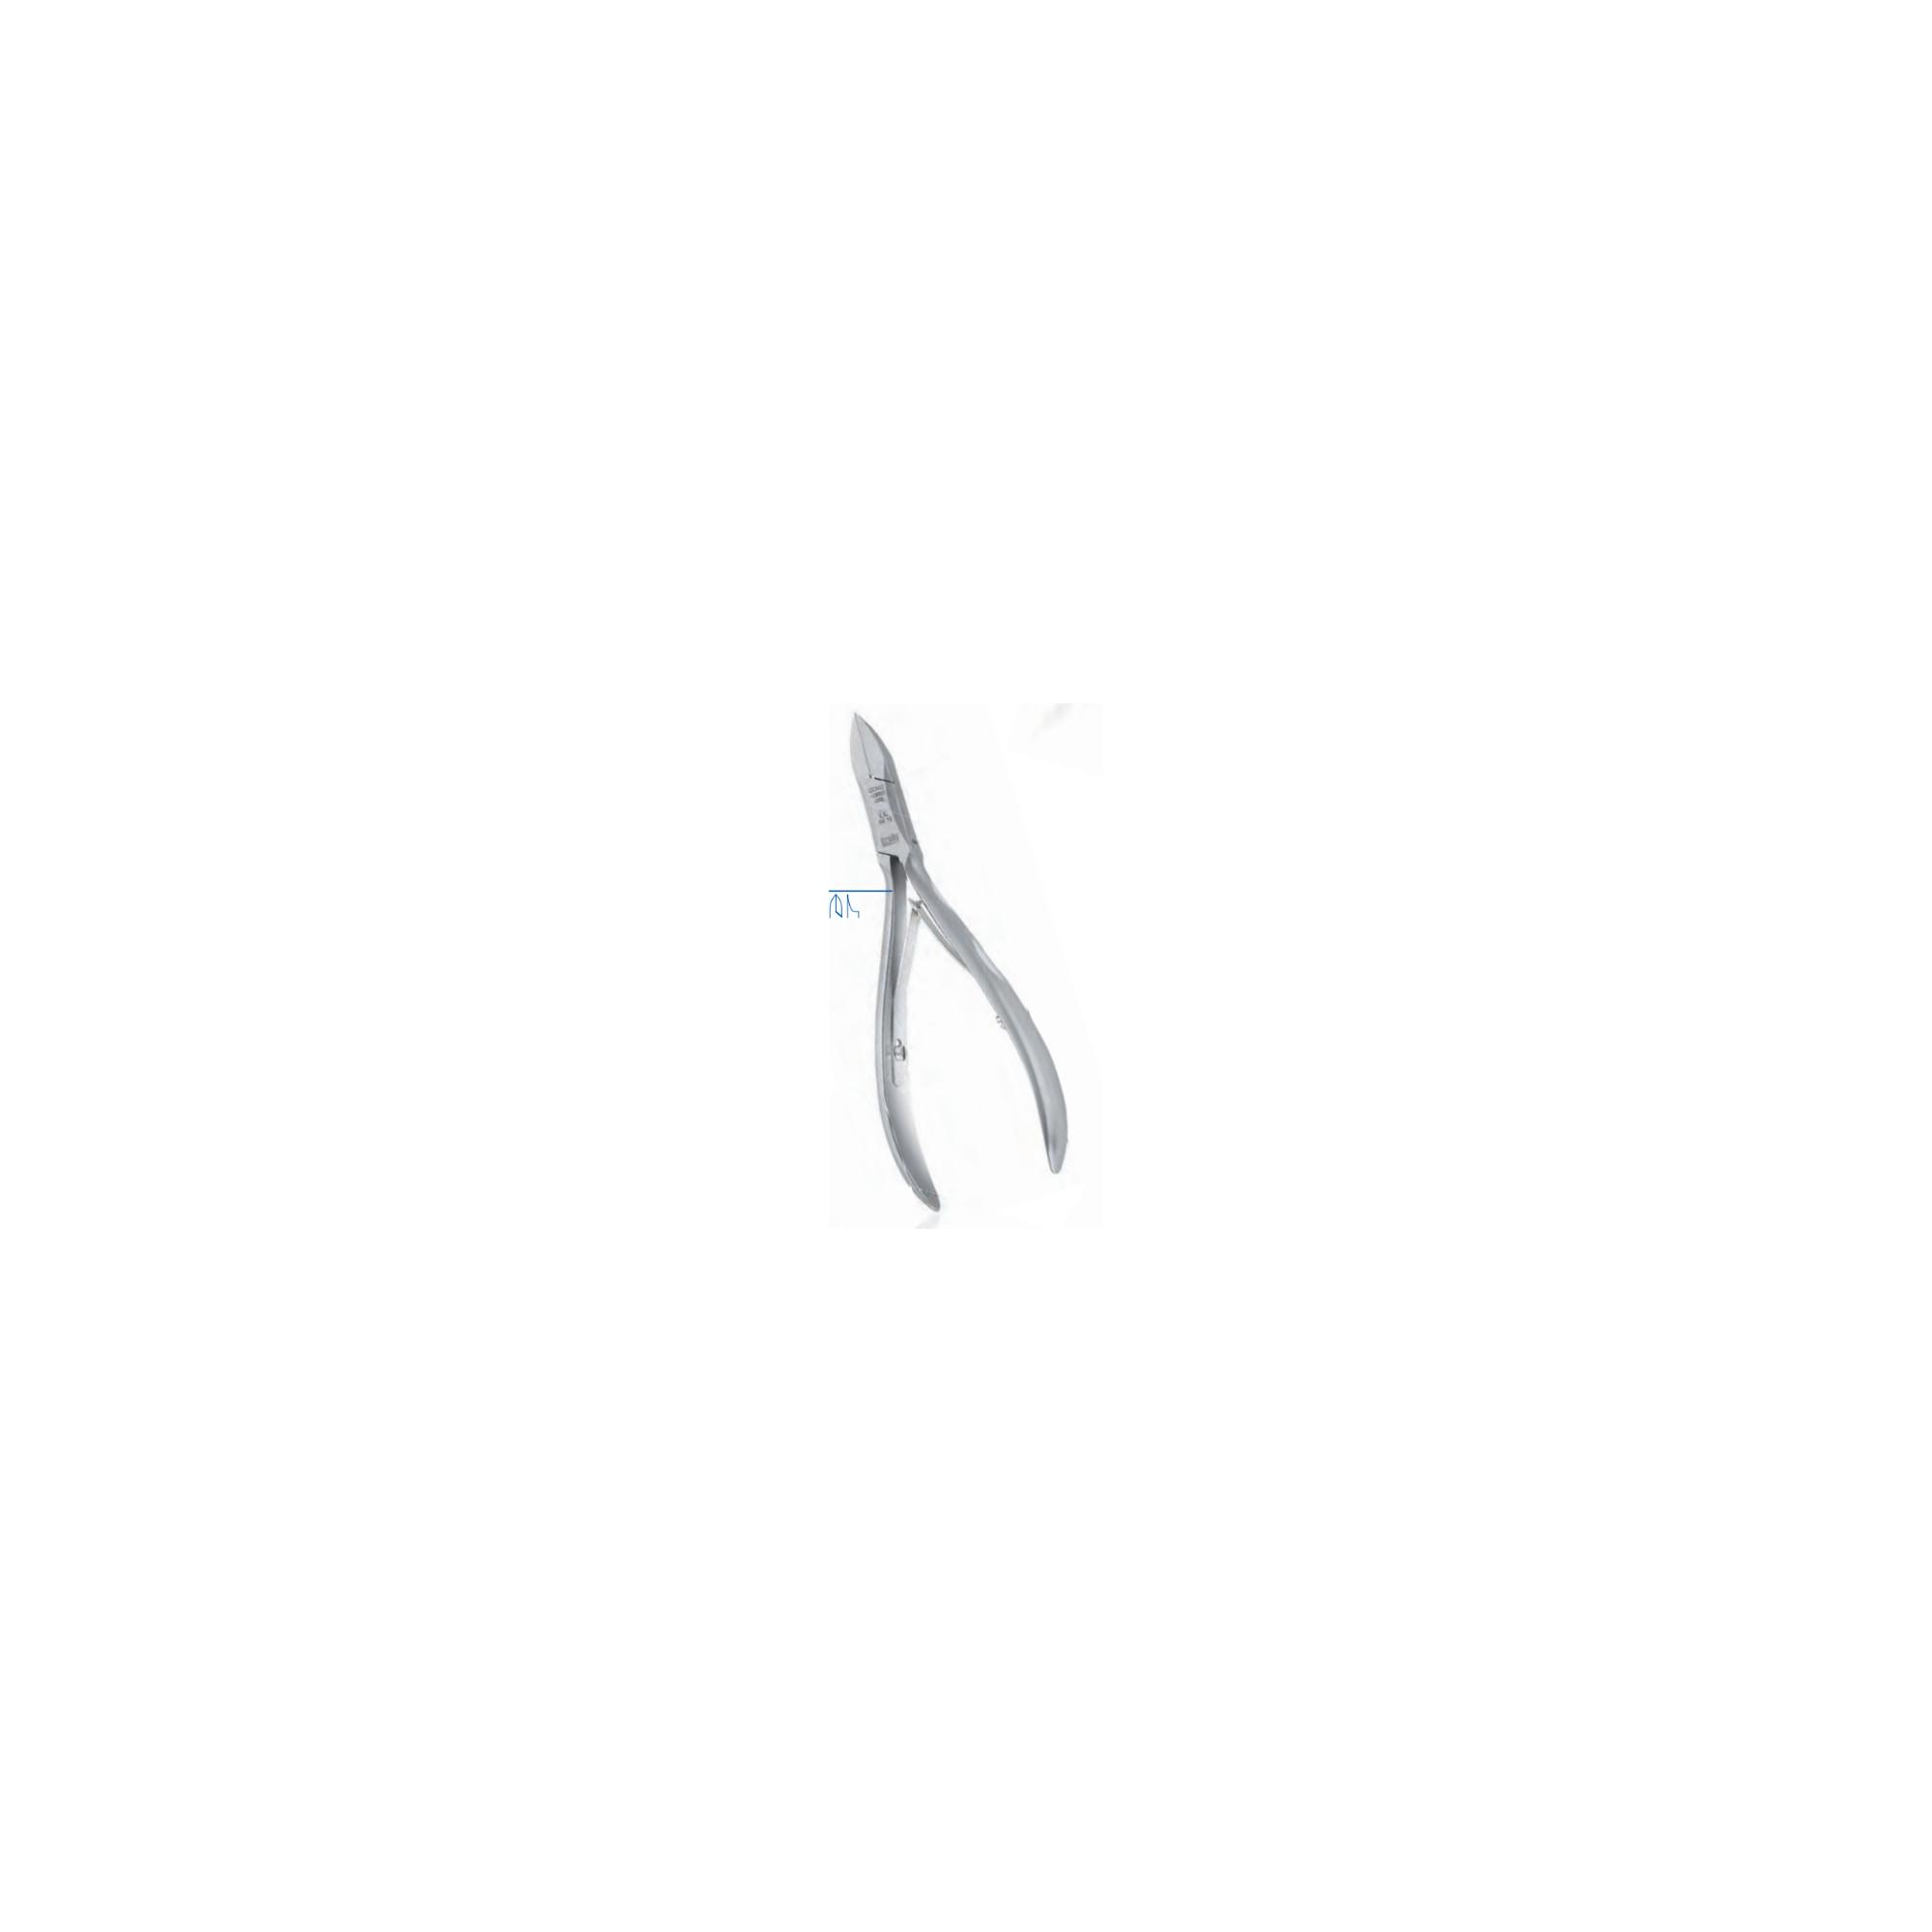 Pince à ongles - Coupe droite - Mors effilés - 11,5 cm - Dovo